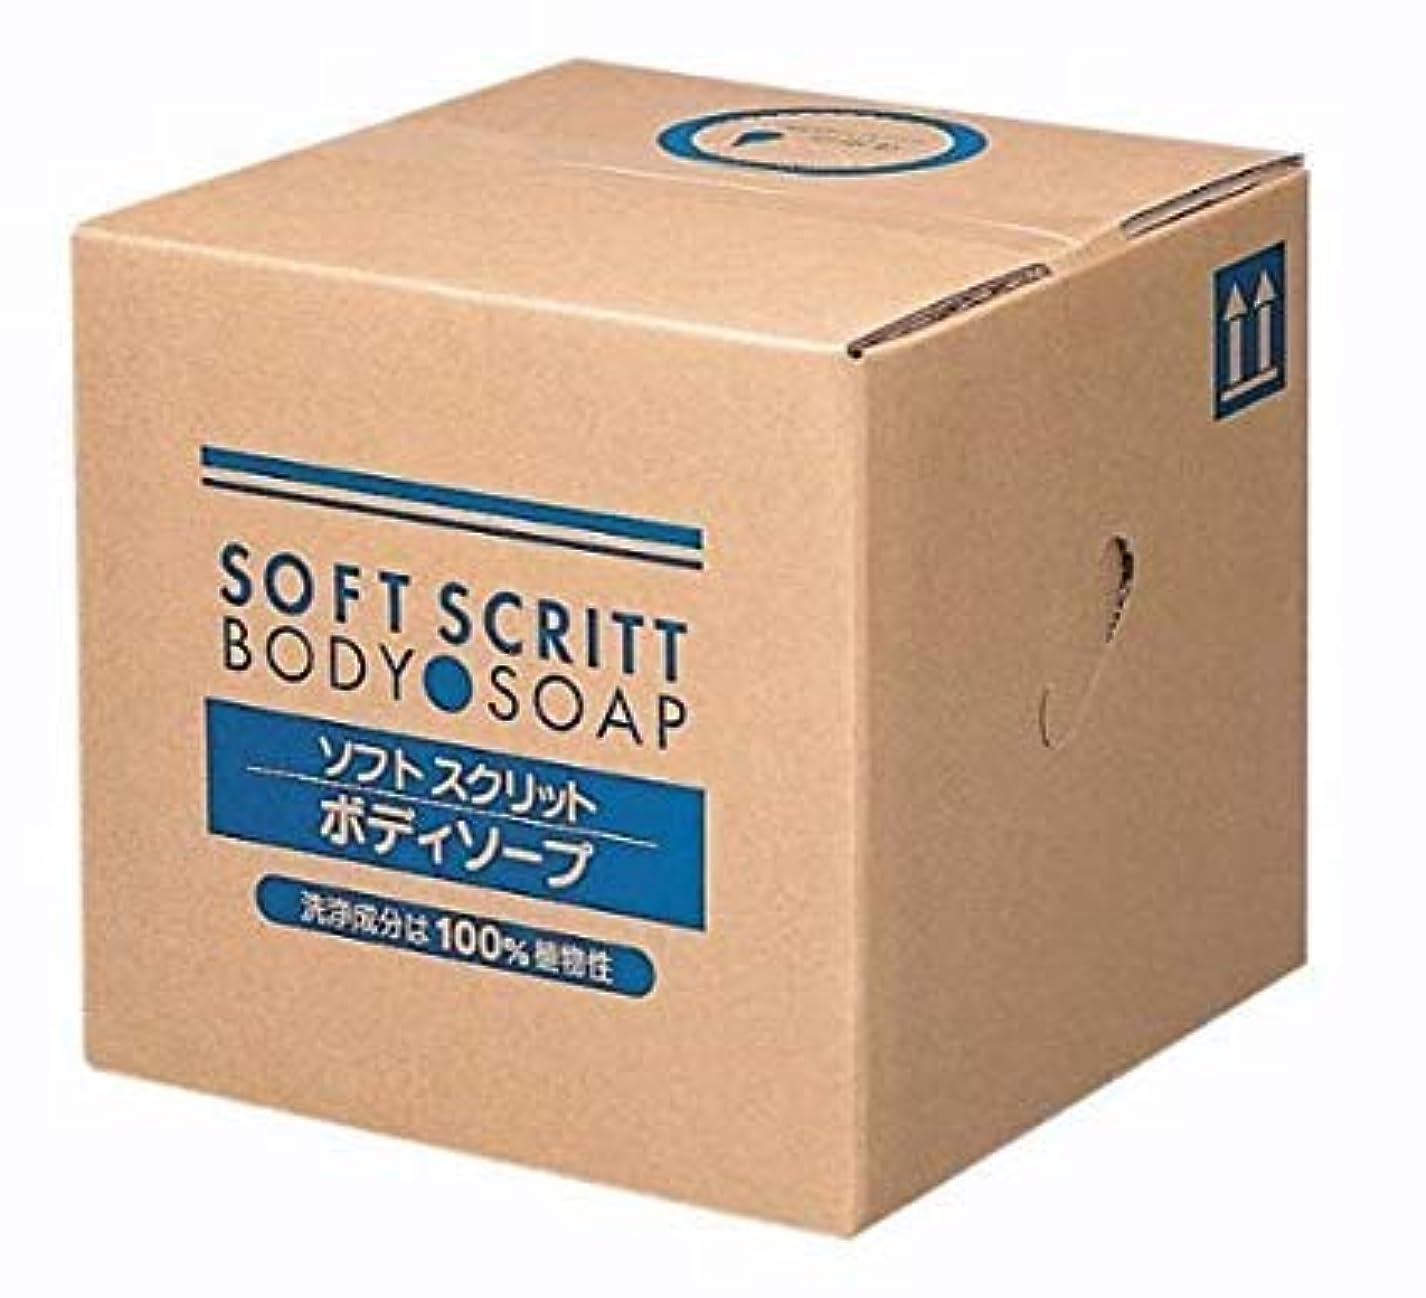 センチメンタル一口読みやすい業務用 SOFT SCRITT(ソフト スクリット) ボディソープ 18L 熊野油脂 (コック付き)